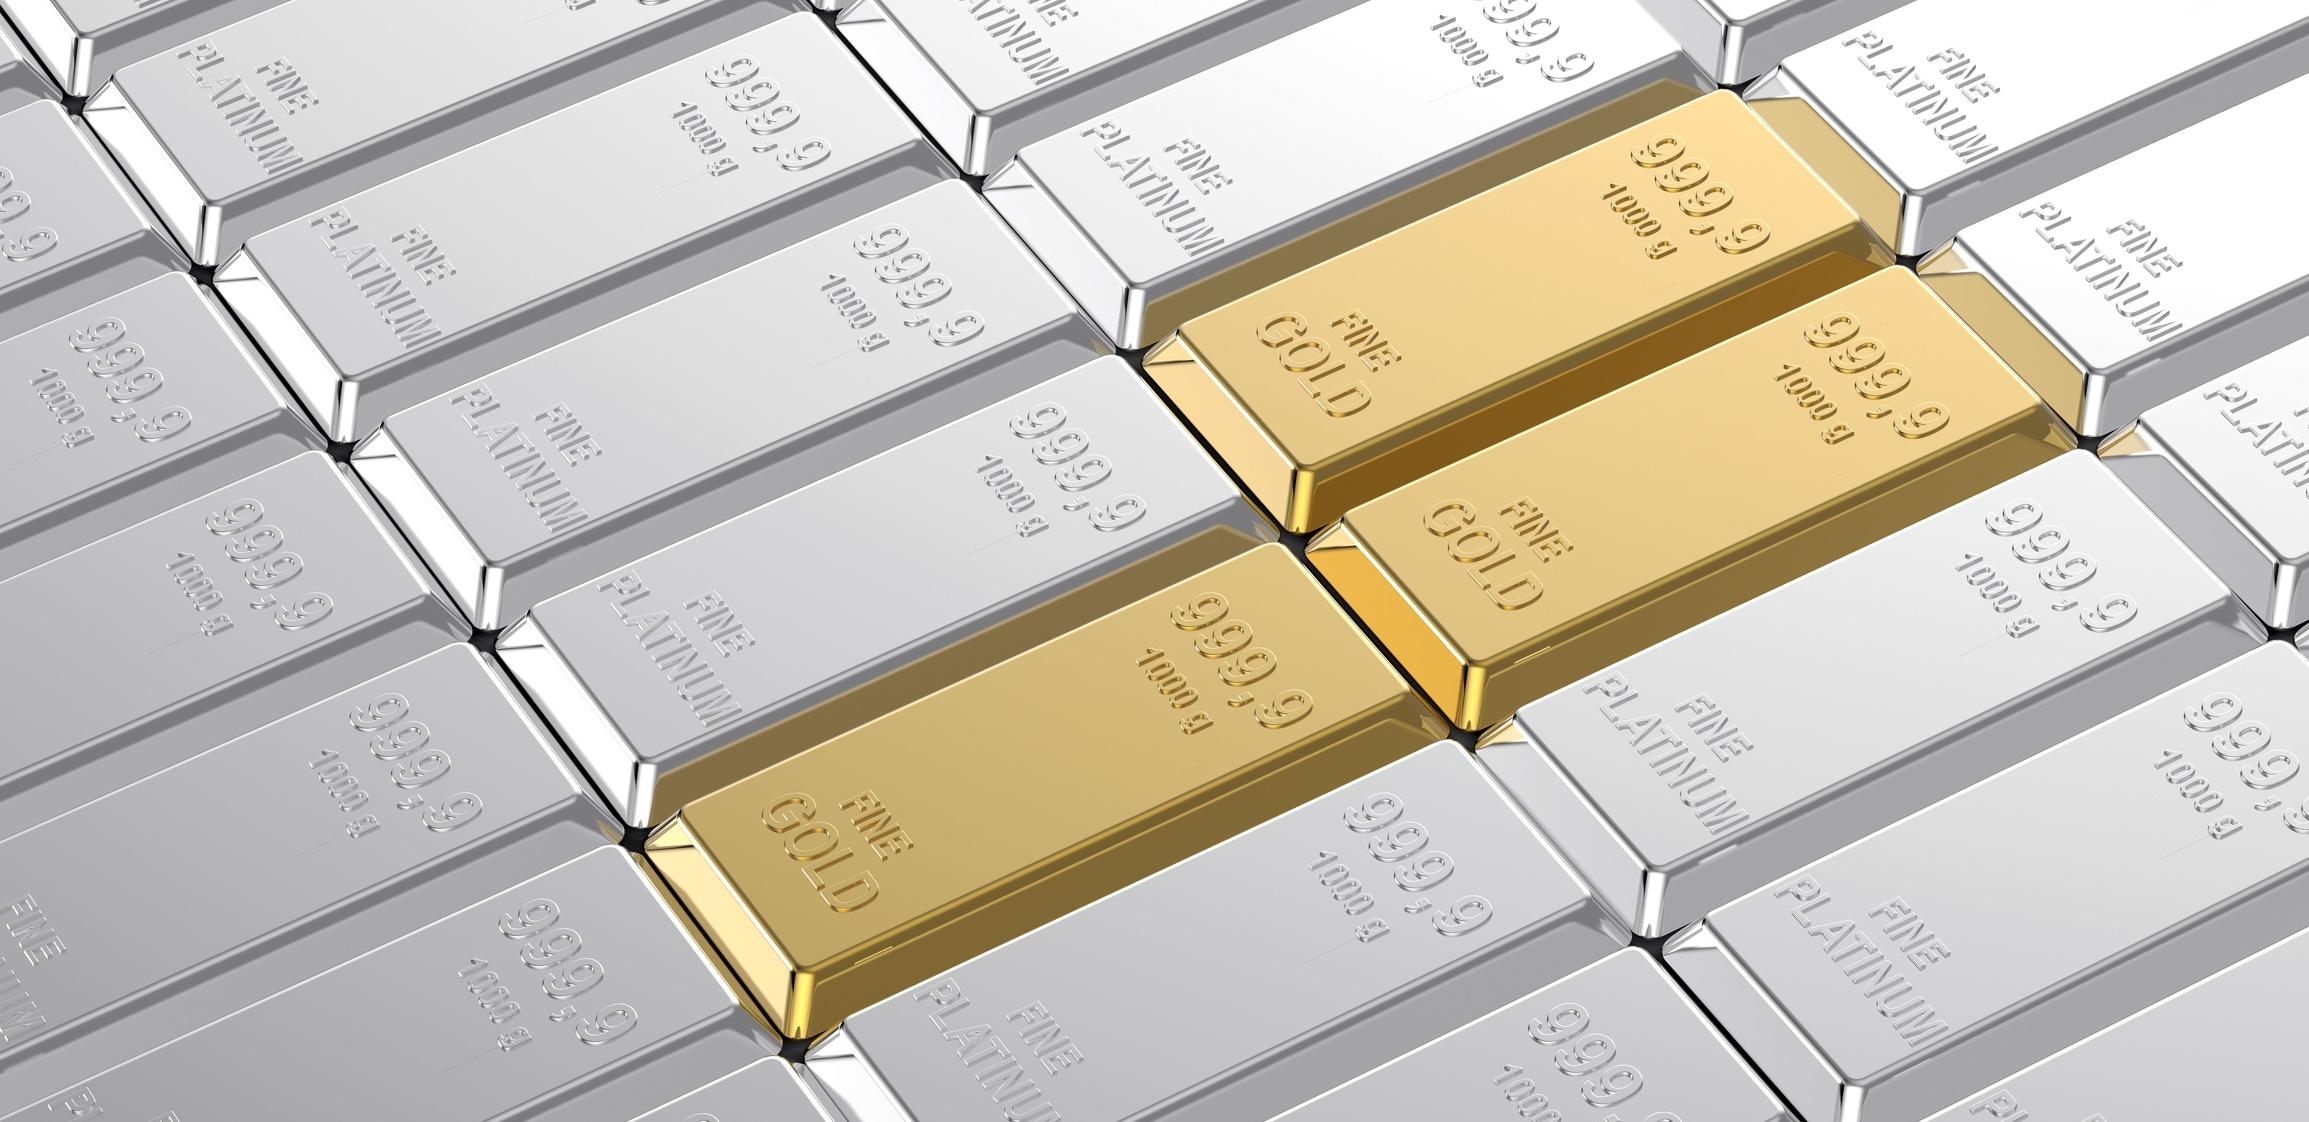 Золото и платина картинки